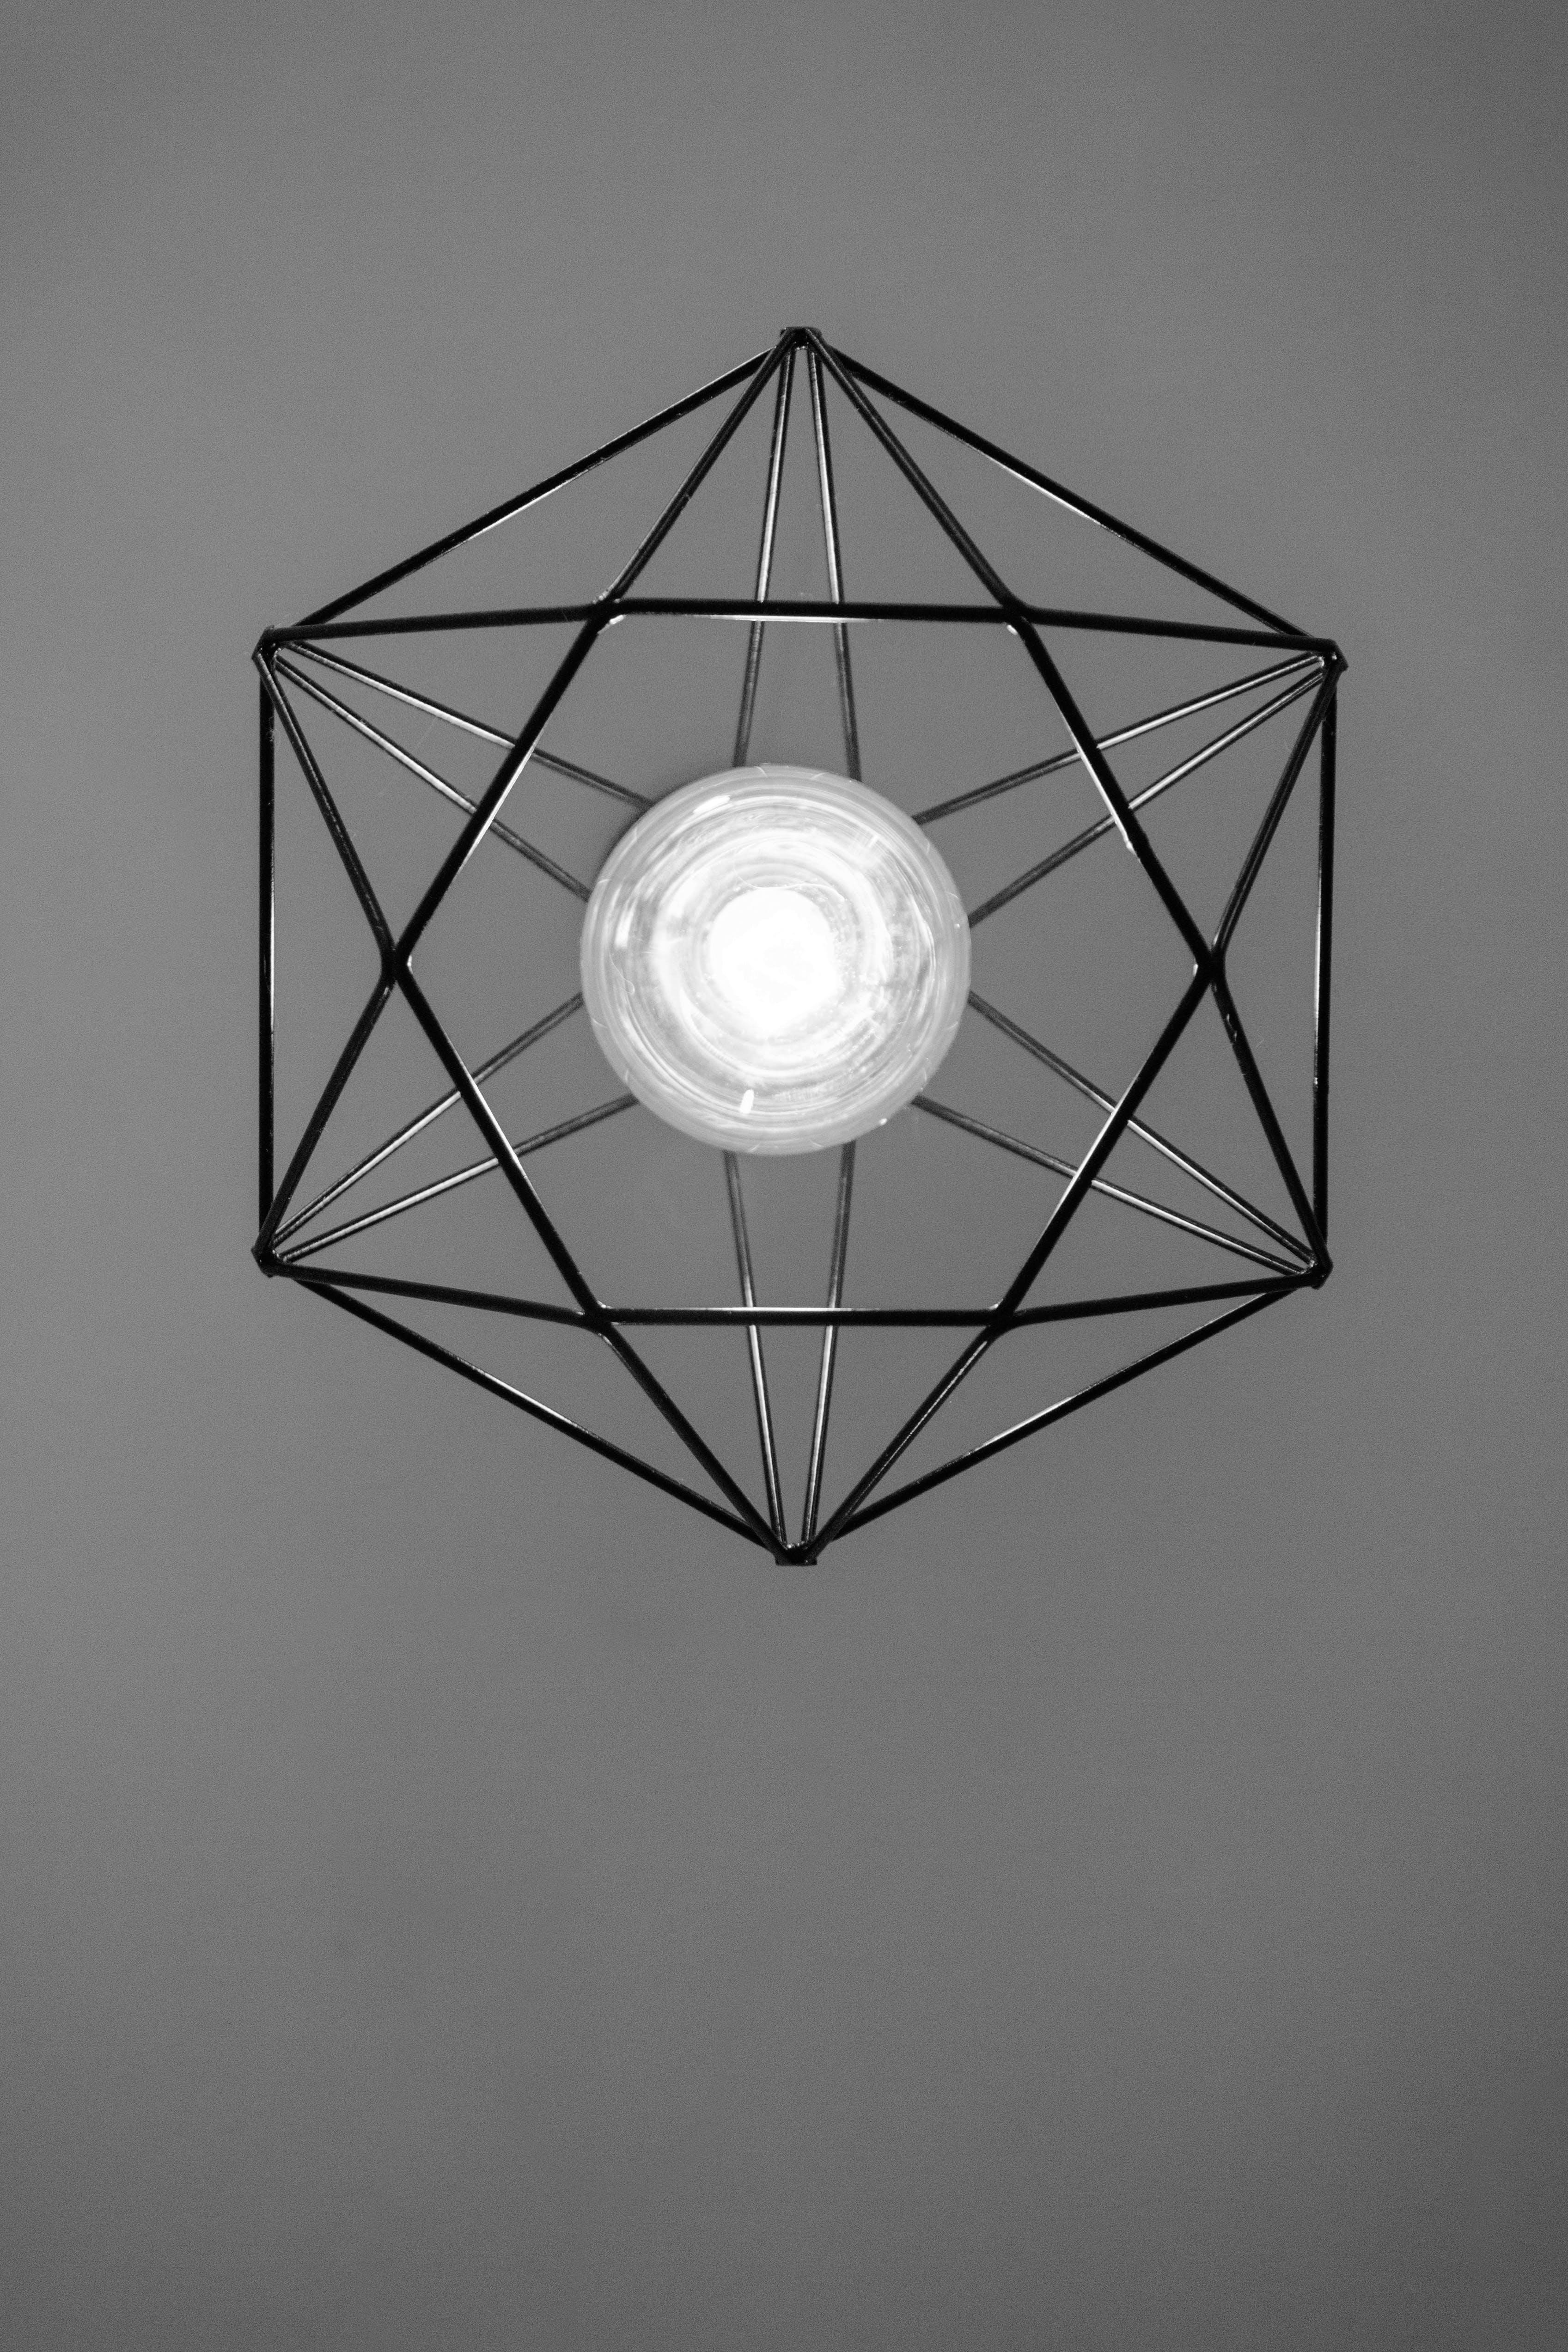 不堅固的, 光, 圖案, 弦燈 的 免費圖庫相片